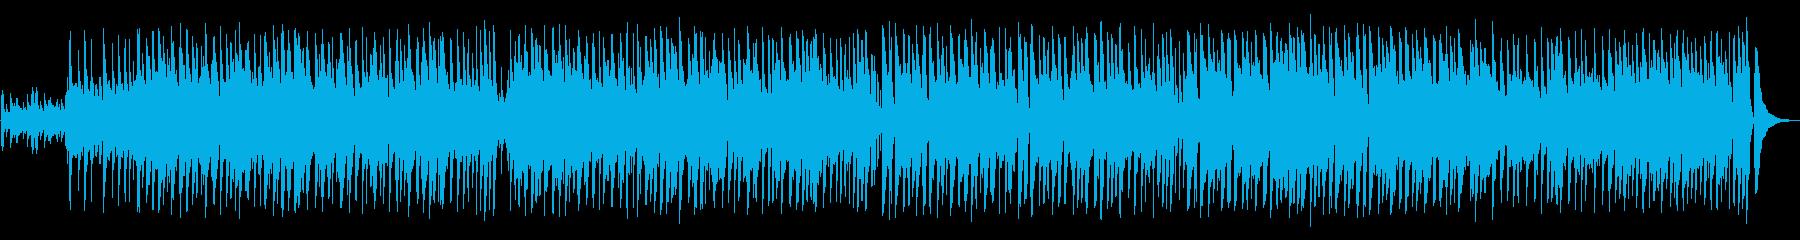 軽快で朝に合うポップなサウンドの再生済みの波形